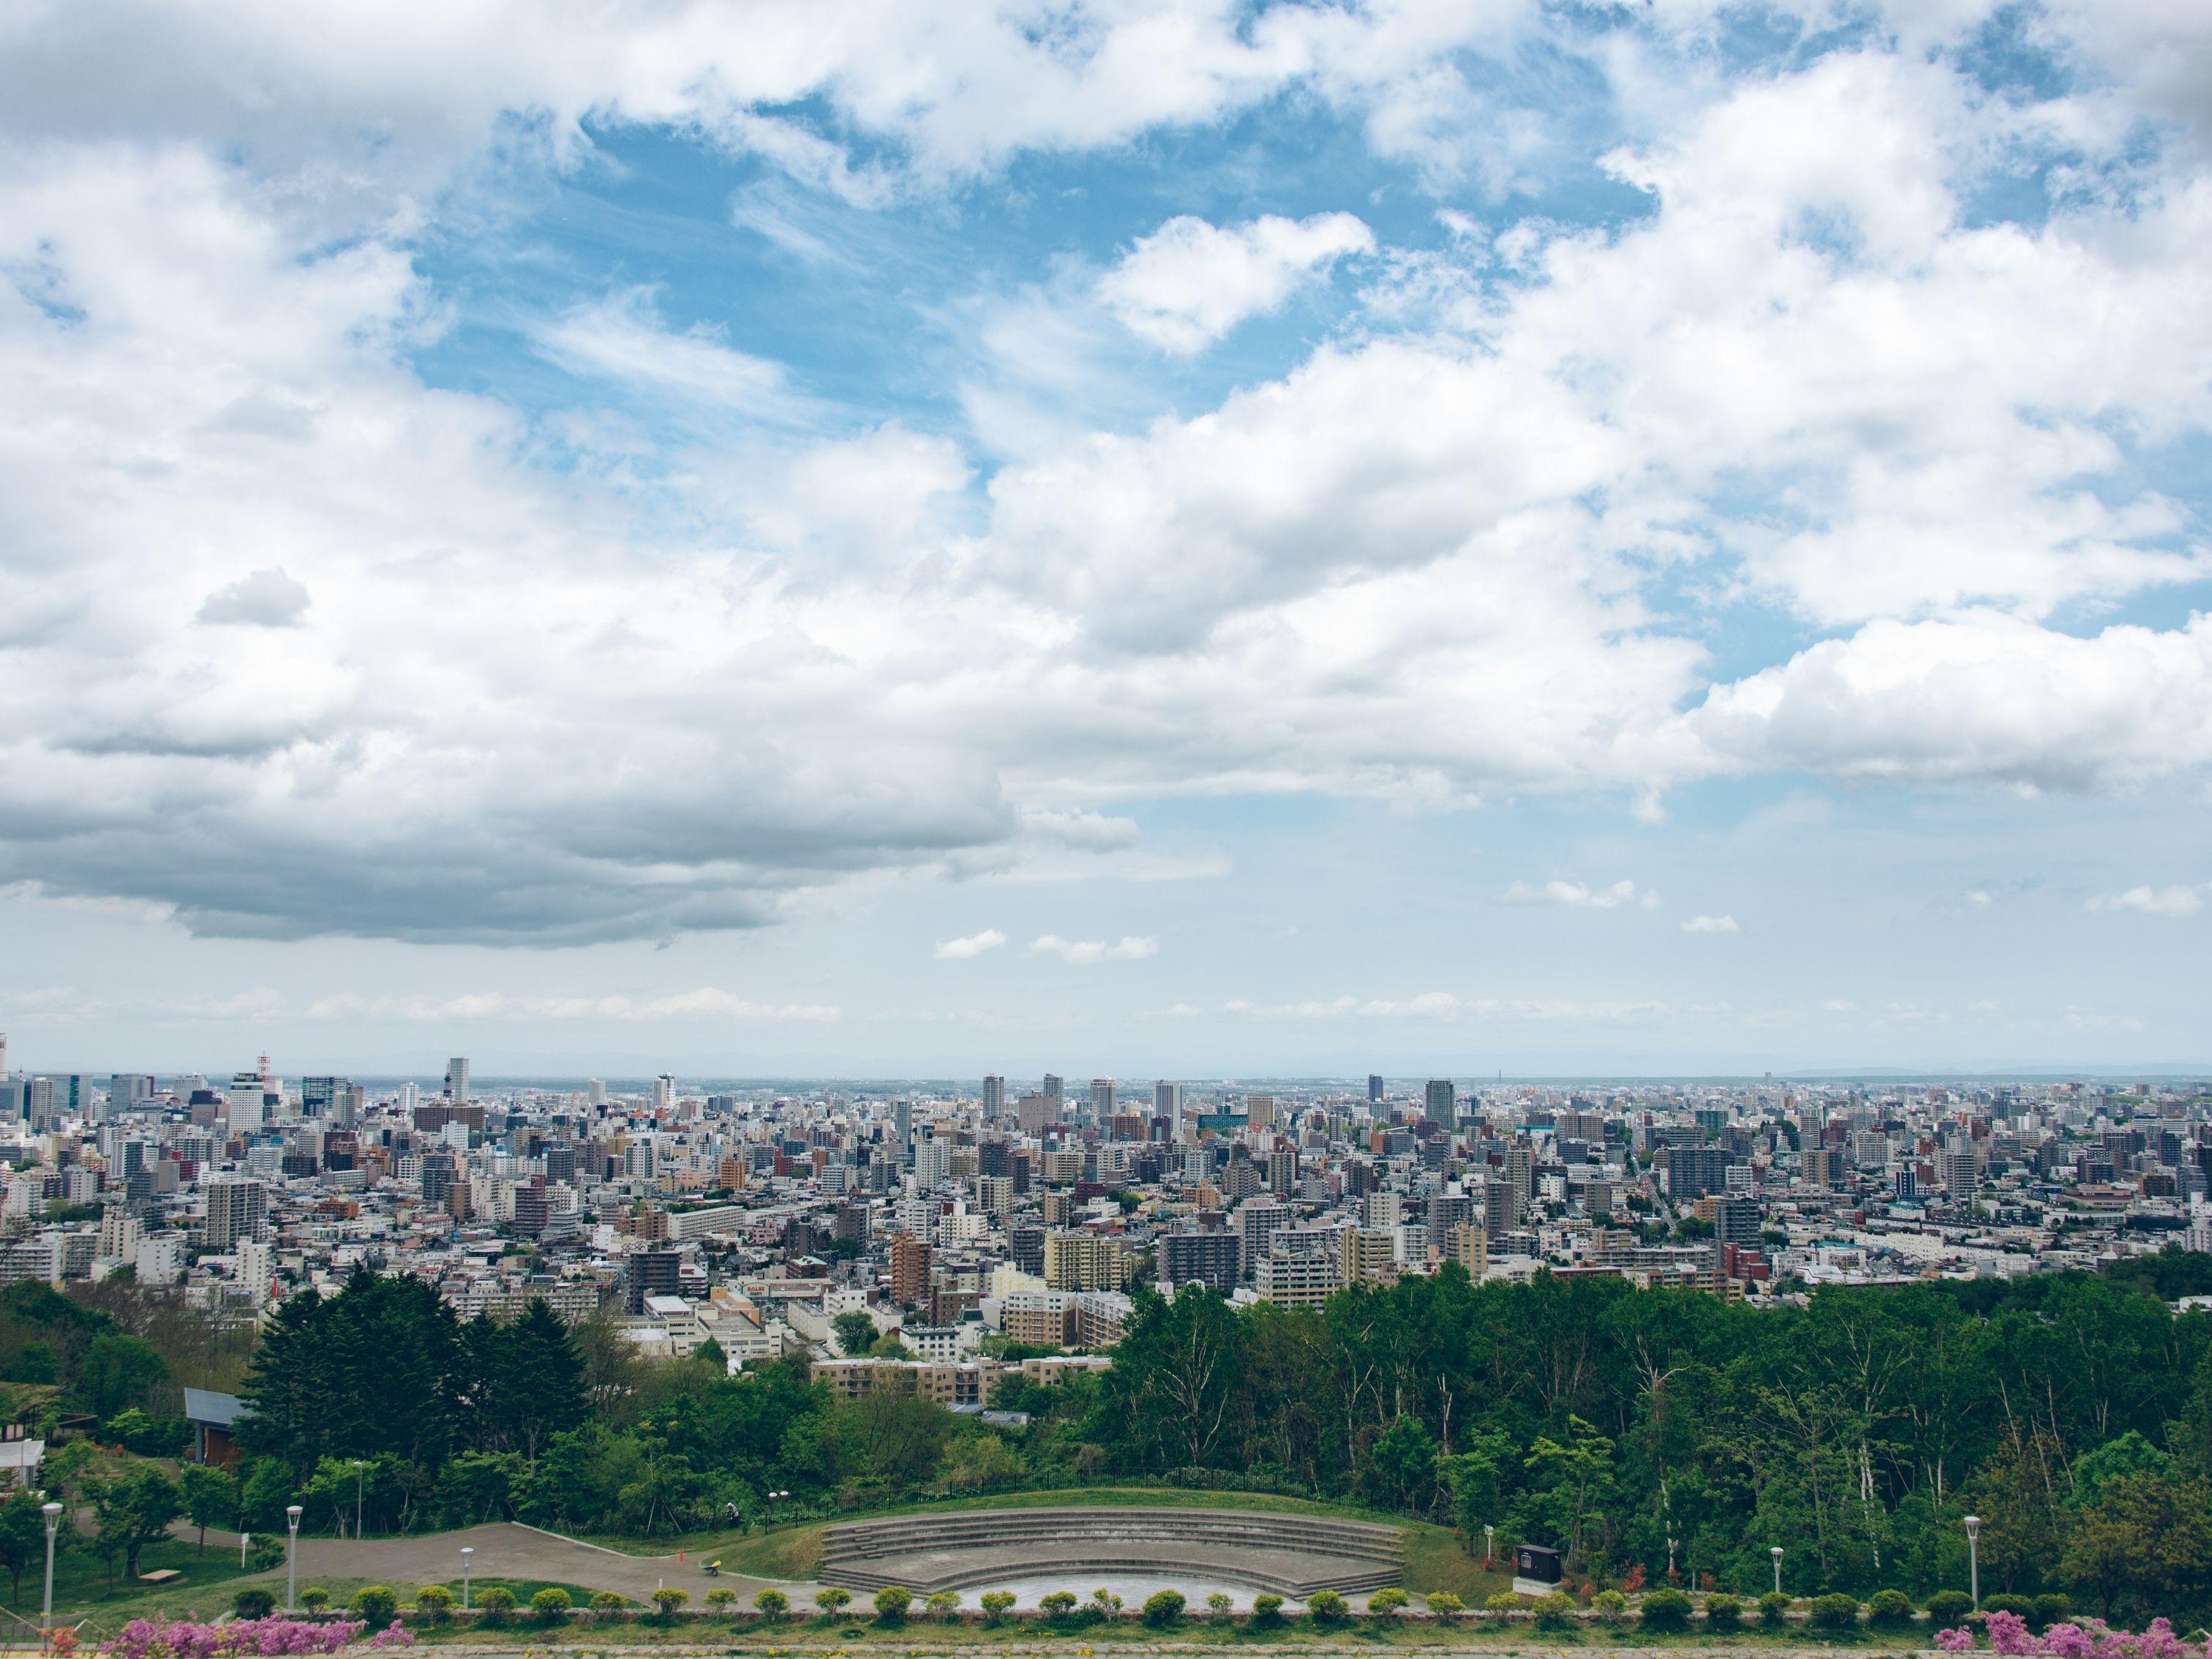 旭山記念公園 昼間の景観